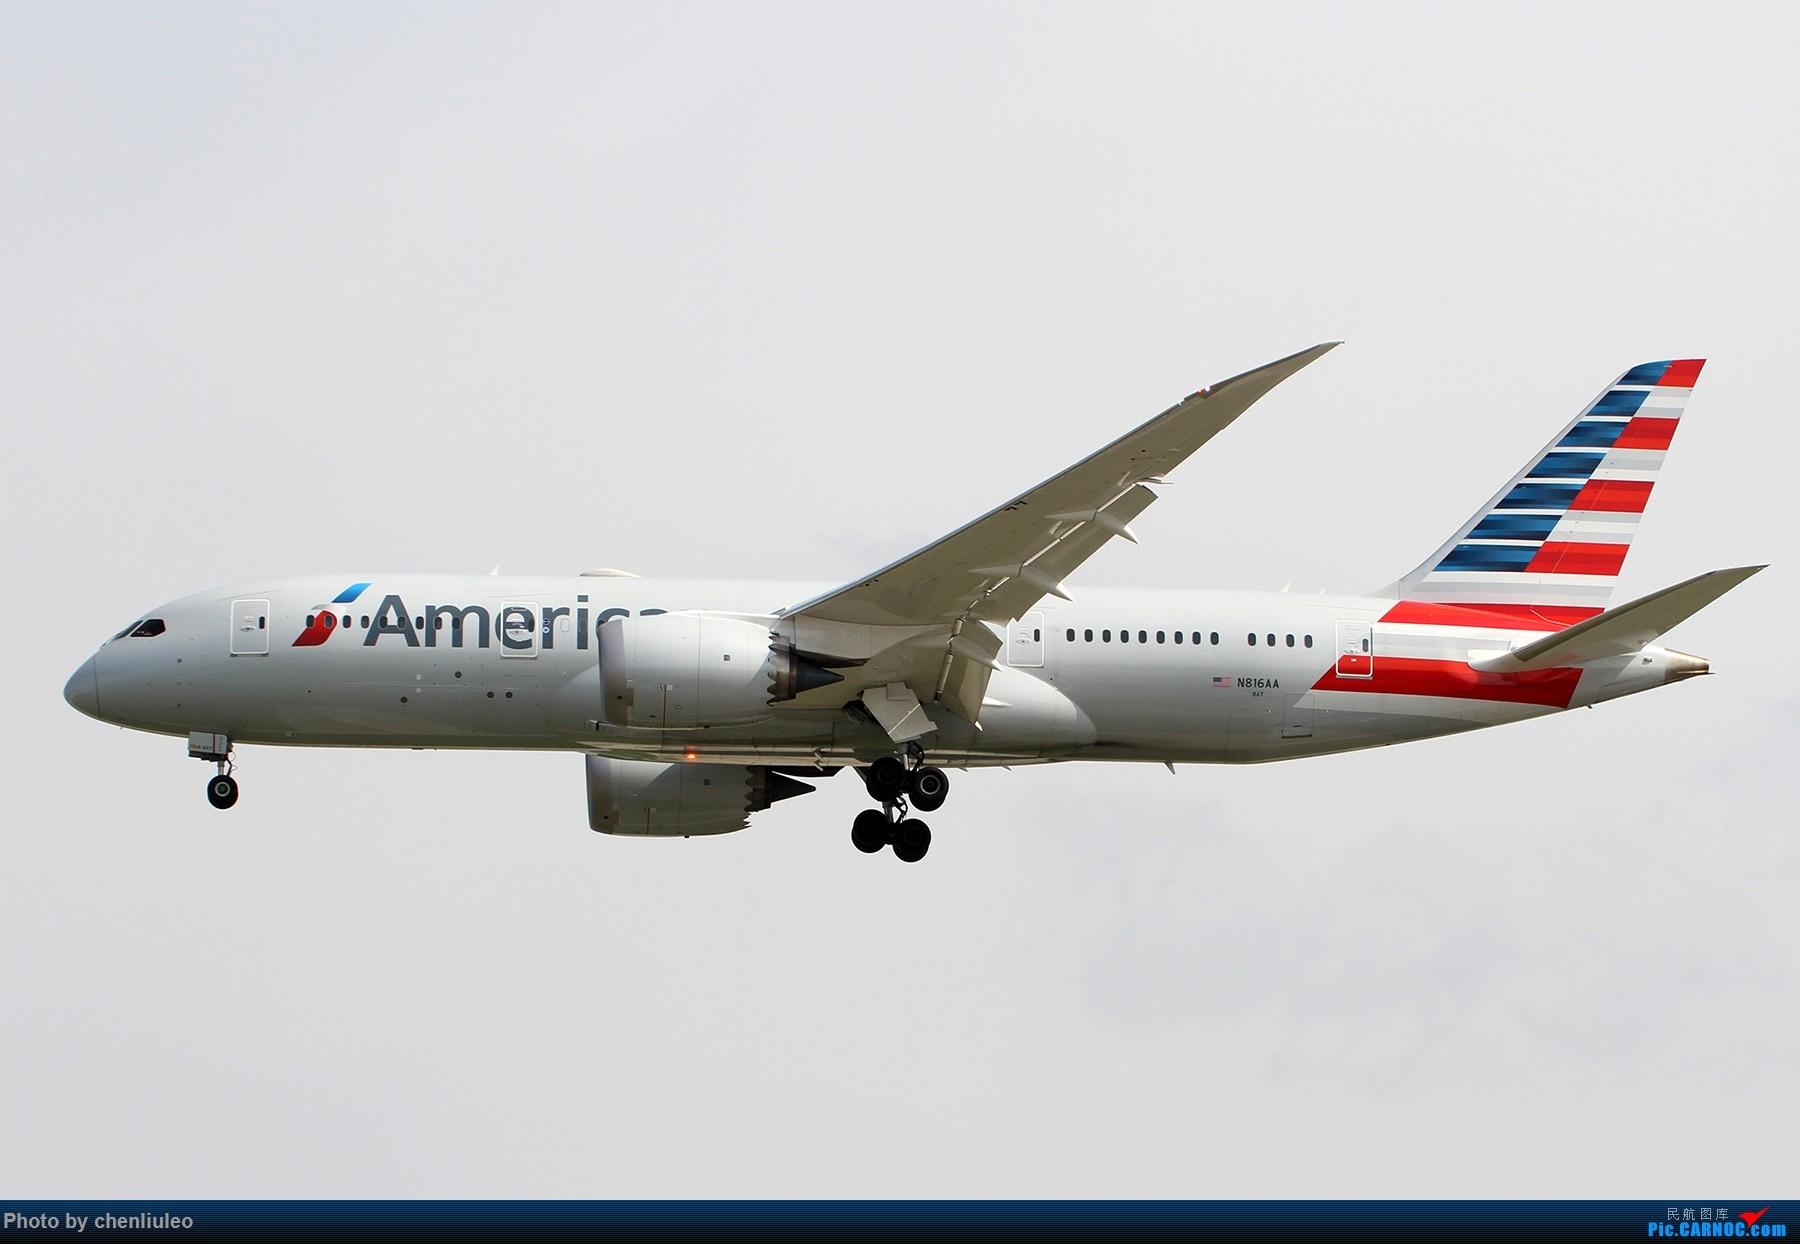 Re:[原创]【北美飞友会】芝加哥奥黑尔机场首拍 BOEING 787-8 N816AA 美国芝加哥奥黑尔国际机场